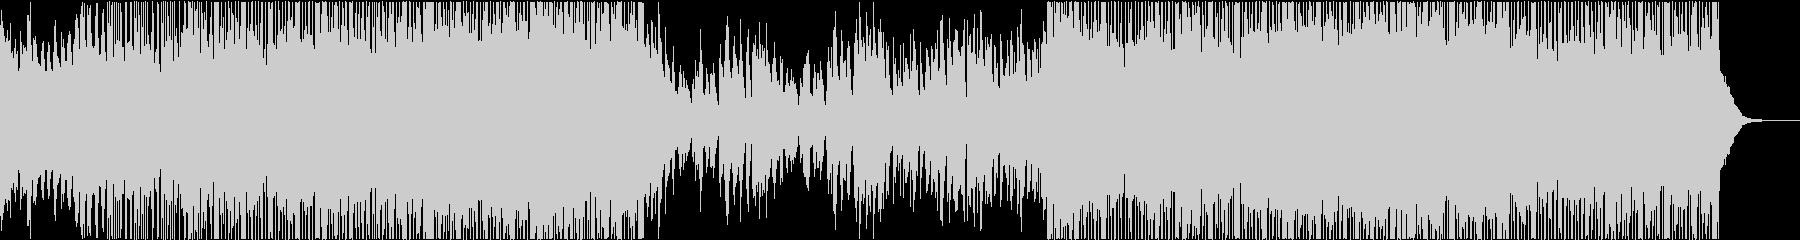 和風 シリアス 琴 和楽器 ダブステップの未再生の波形